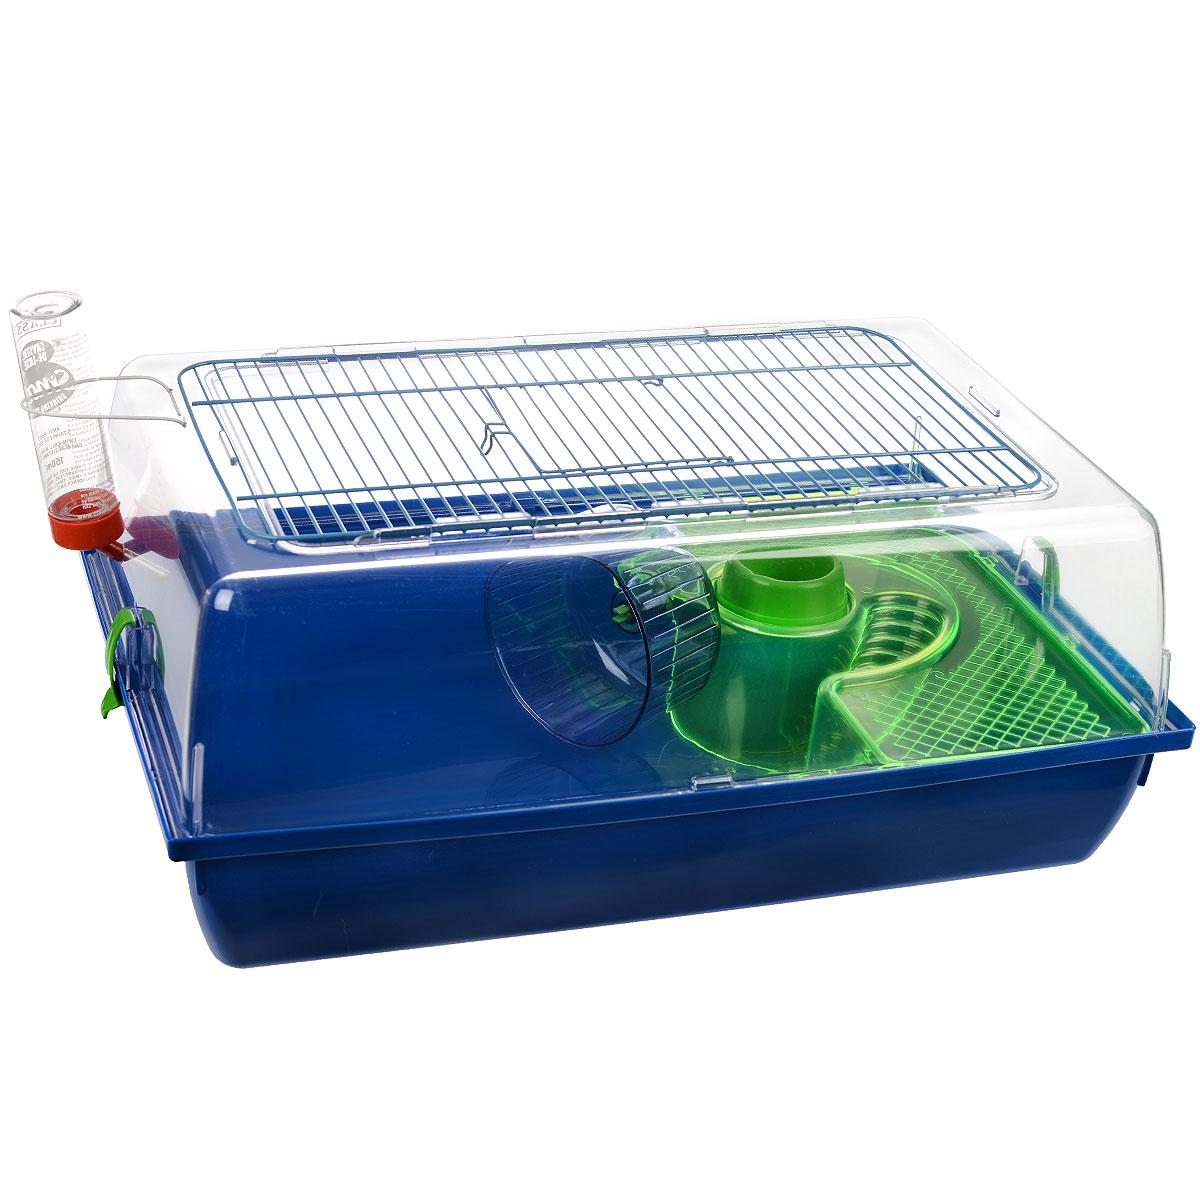 Клетка для хомяков I.P.T.S. Alex, цвет: синий, 58 см х 38 см х 25 см0120710Яркая цветная клетка снабжена всем необходимым для отдыха и активной жизни грызуна. Подходит для мышей, песчанок, хомяков и других мелких грызунов. Клетка оборудована колесом для упражнений, поилкой и местом для кормления. Клетка выполнена из пластика и металла. Надежно закрывается на защелки. Такая клетка станет уединенным личным пространством и уютным домиком для маленького грызуна.